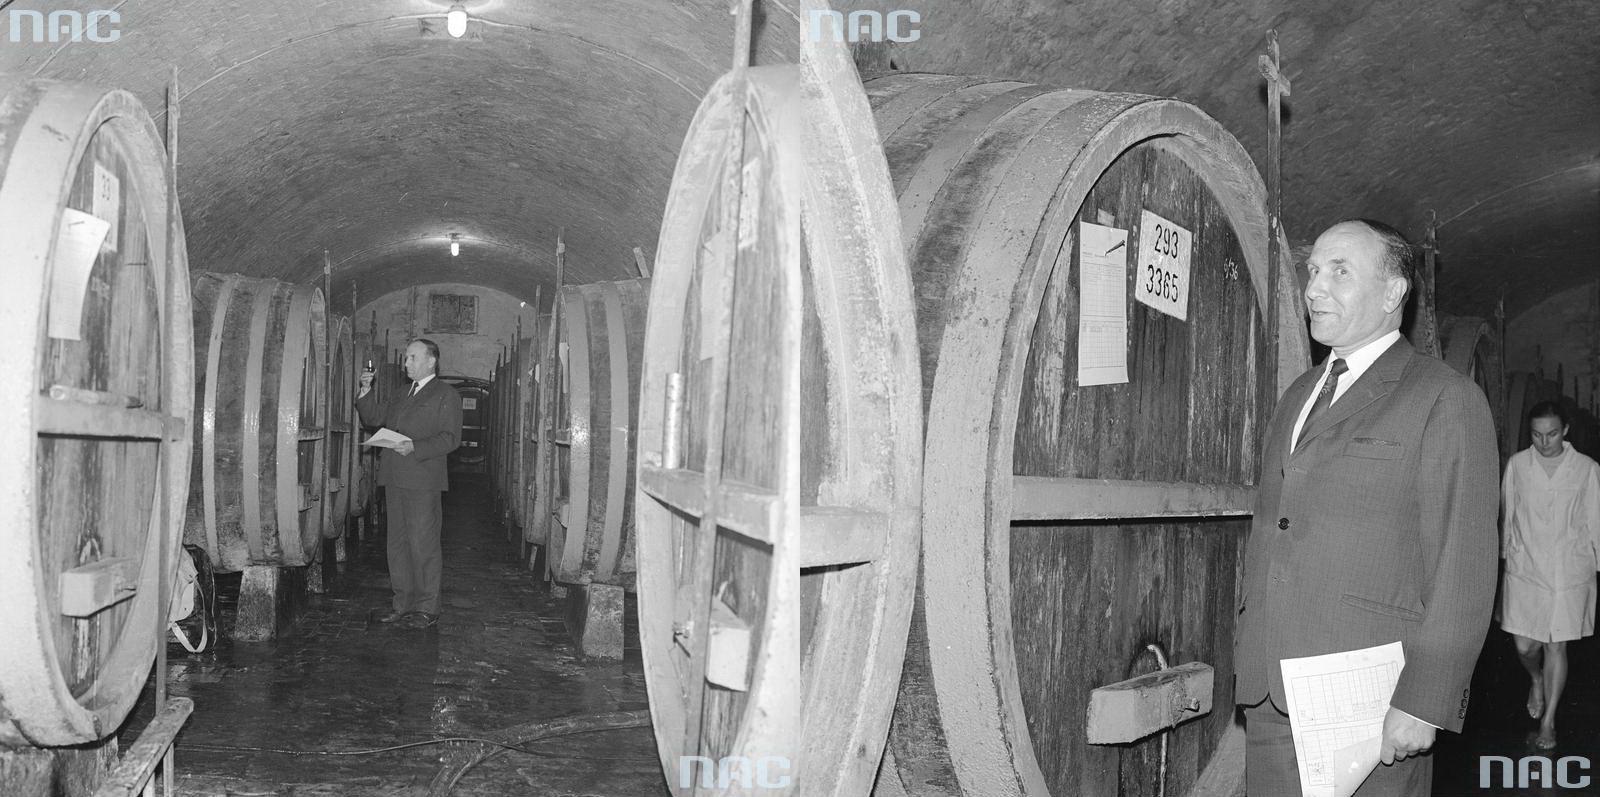 2 - Warsowin Piwnice Zakładów - pobieranie próbek wina leżakującego dolaboratorium.